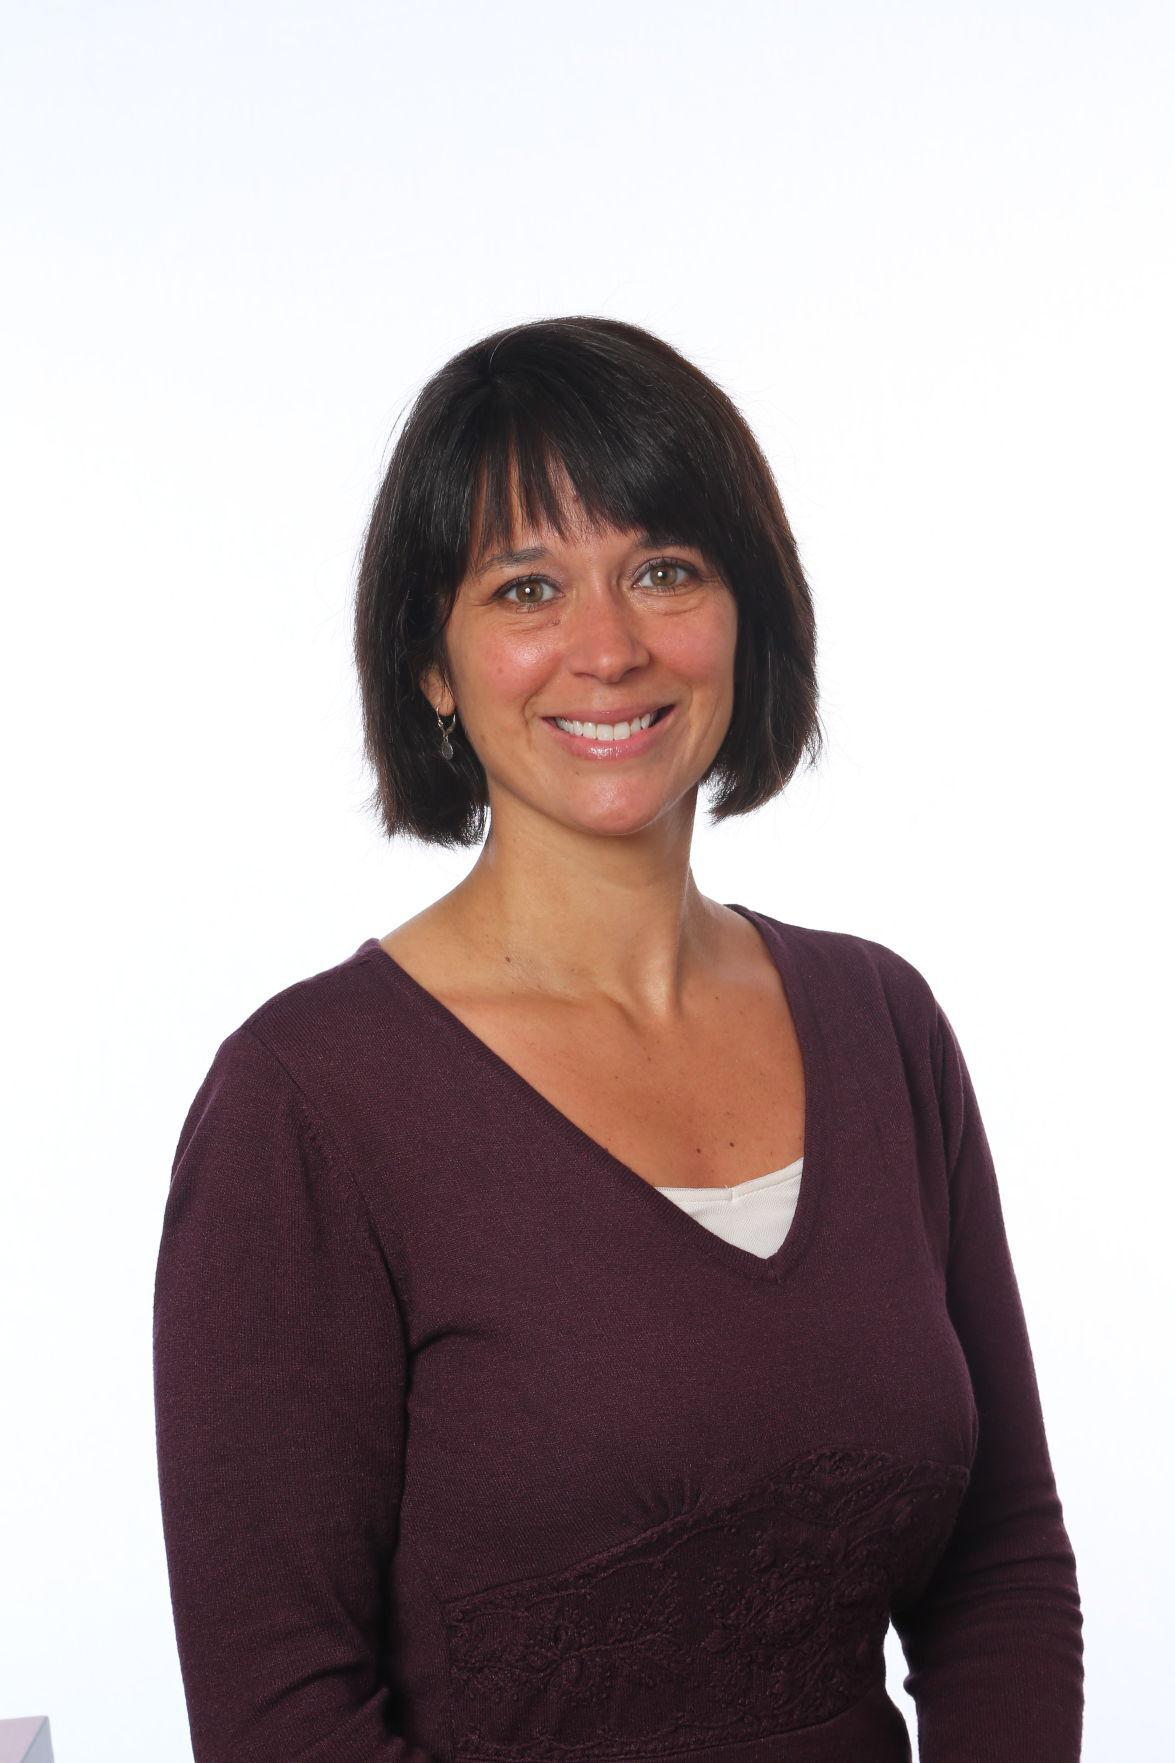 Melissa Keeble